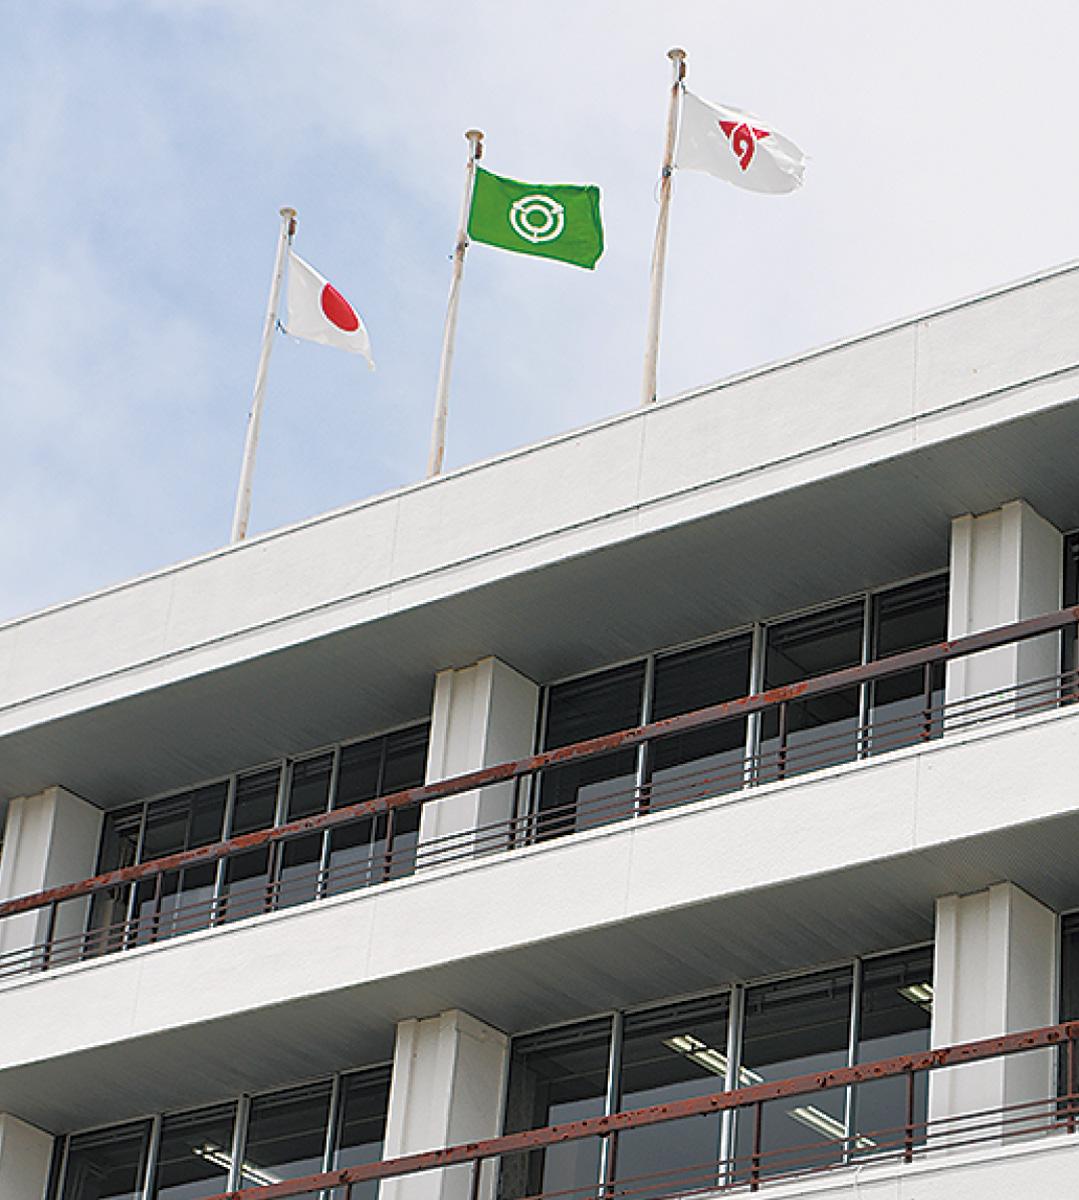 秦野市惜敗なびく関市の旗